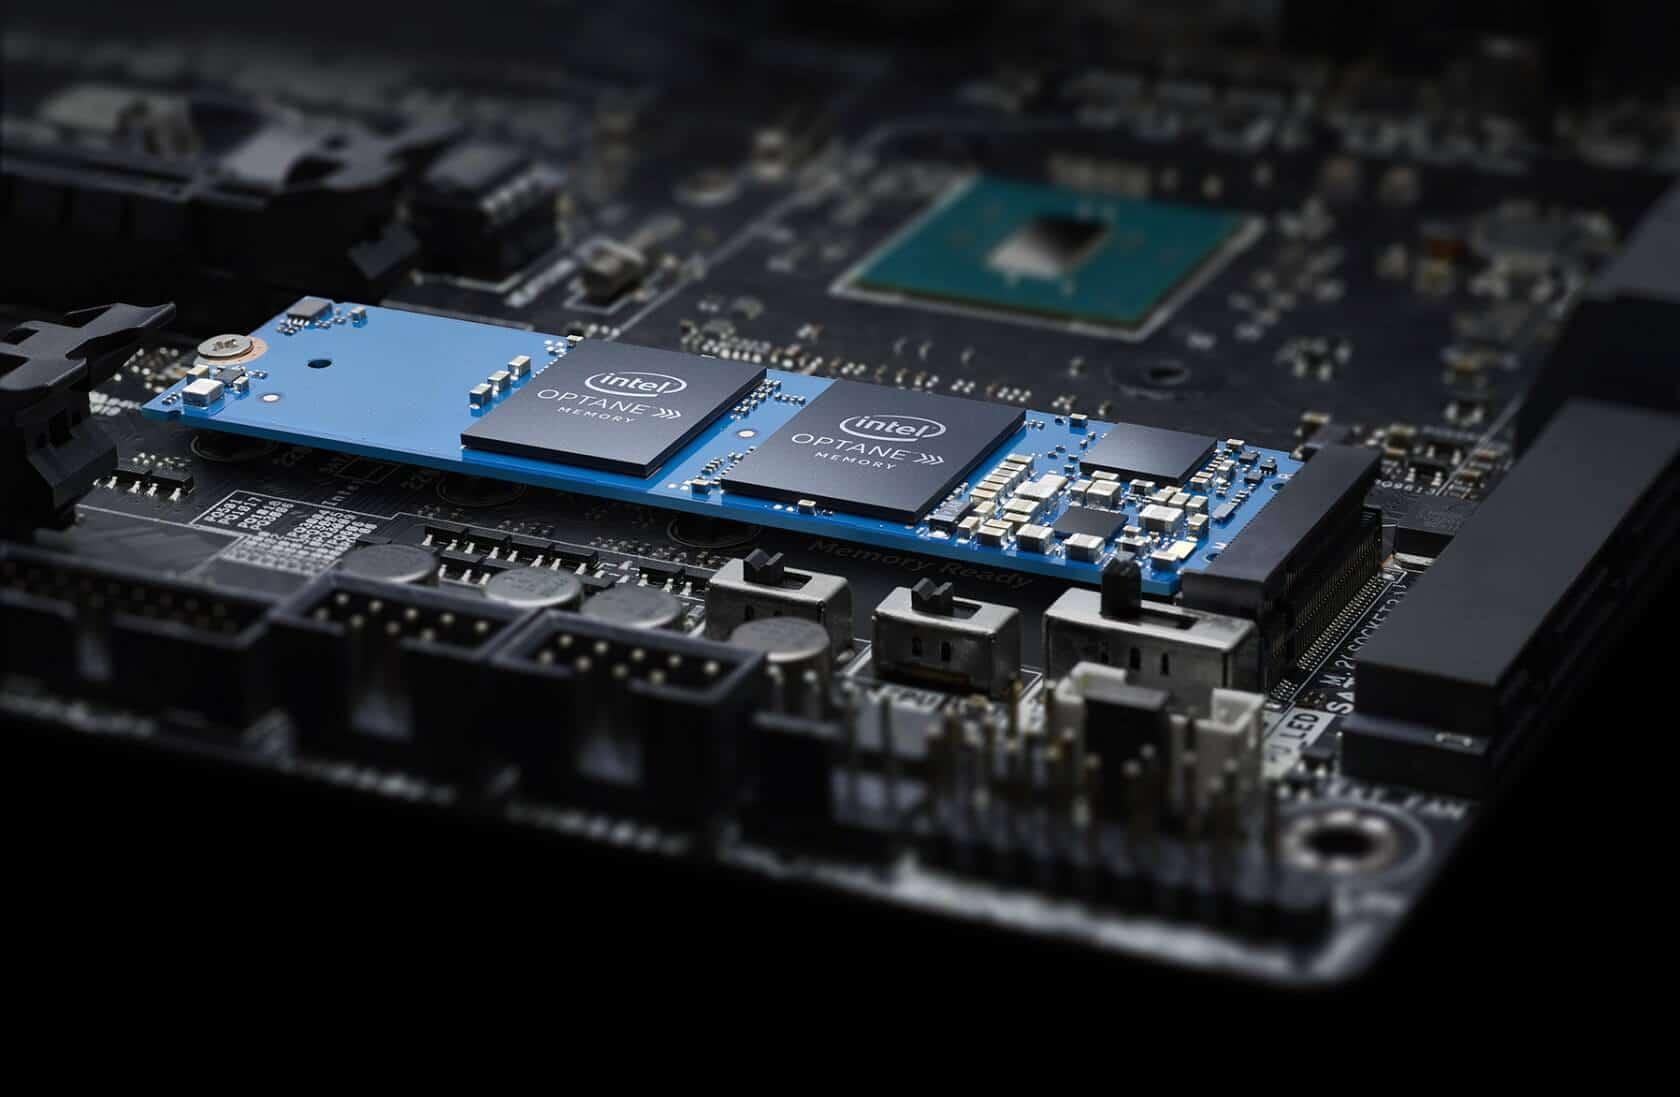 PCIe 4.0 motherboard